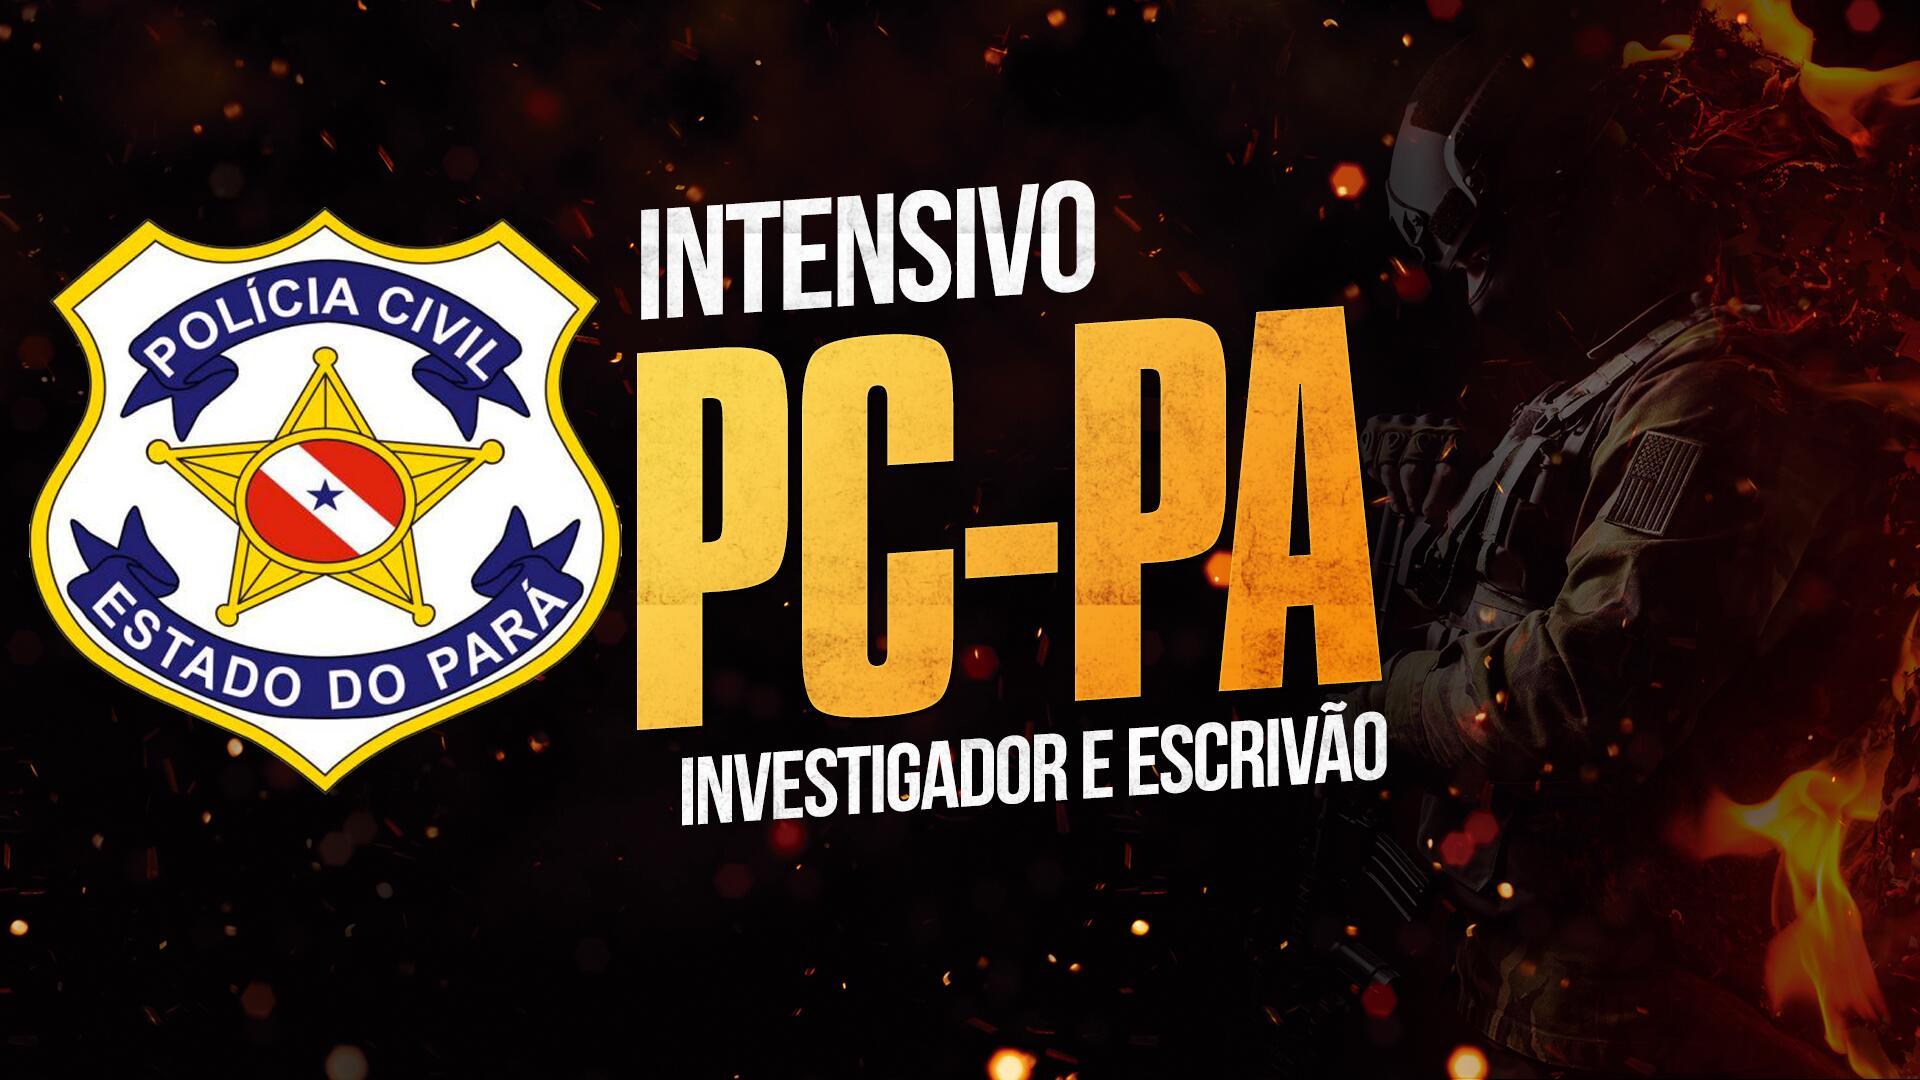 PC PA - Curso Intensivo - Investigador e Escrivão de Polícia Civil do Estado do Pará